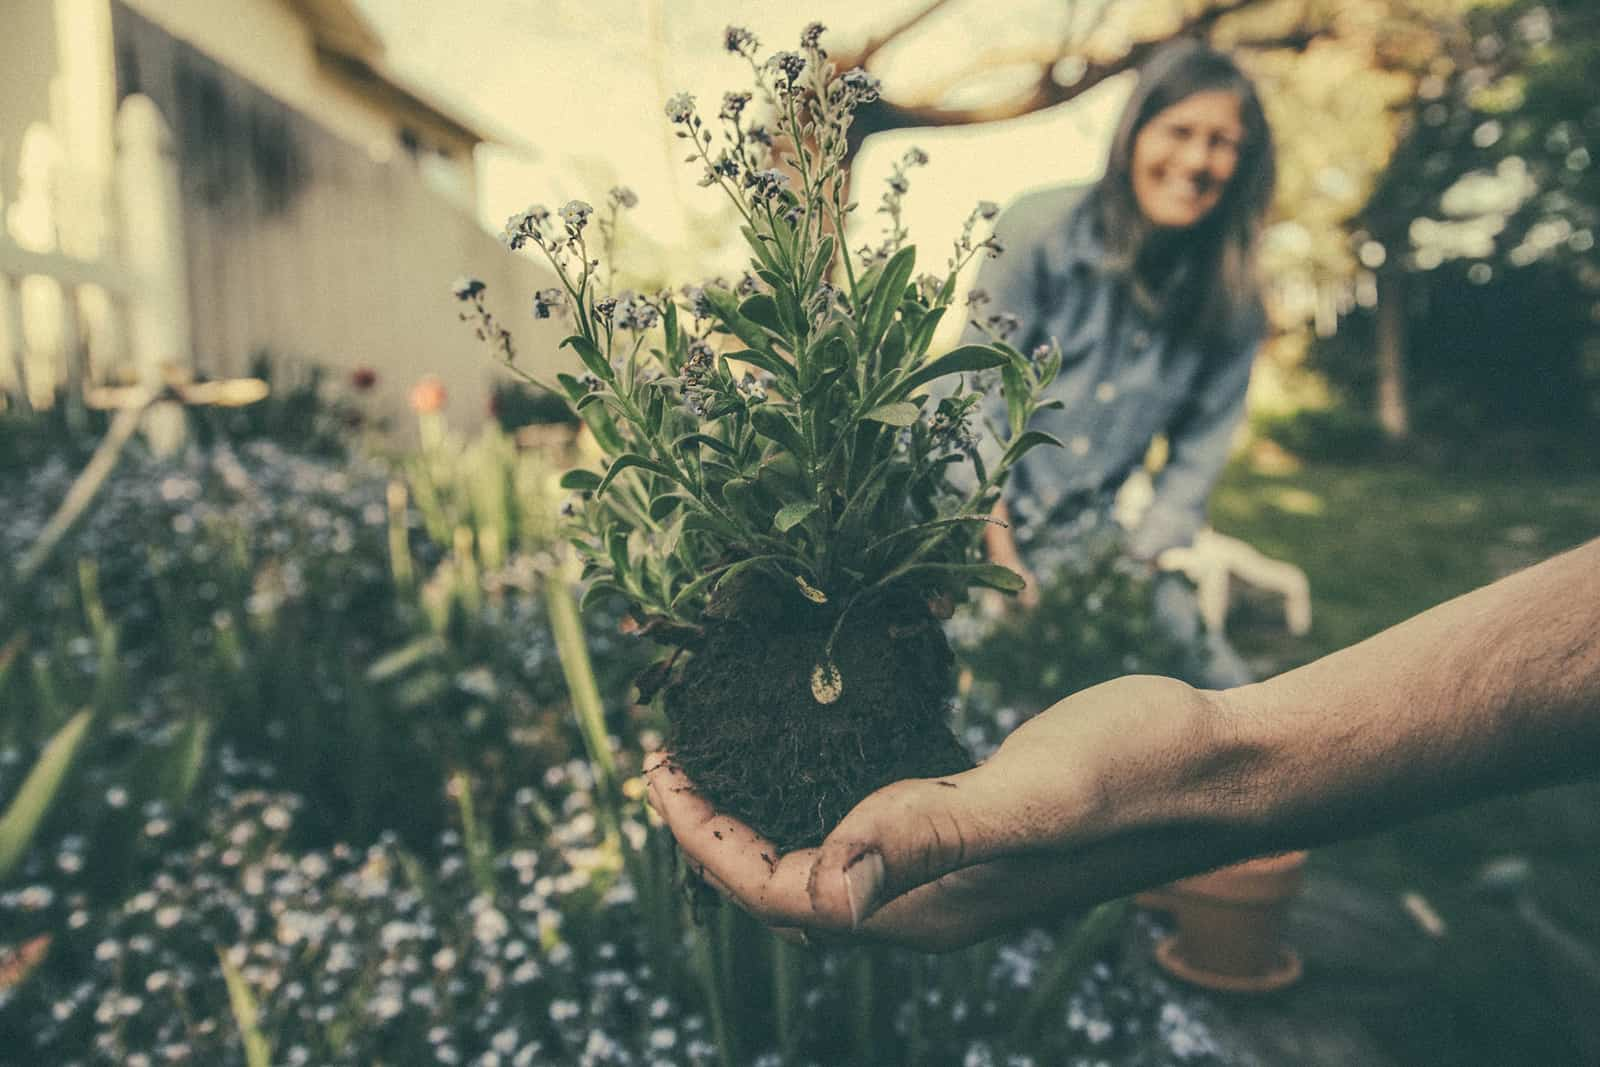 Ein Mann zeigt einer Frau eine Lavendelpflanze, während er zusammen im Garten arbeitet